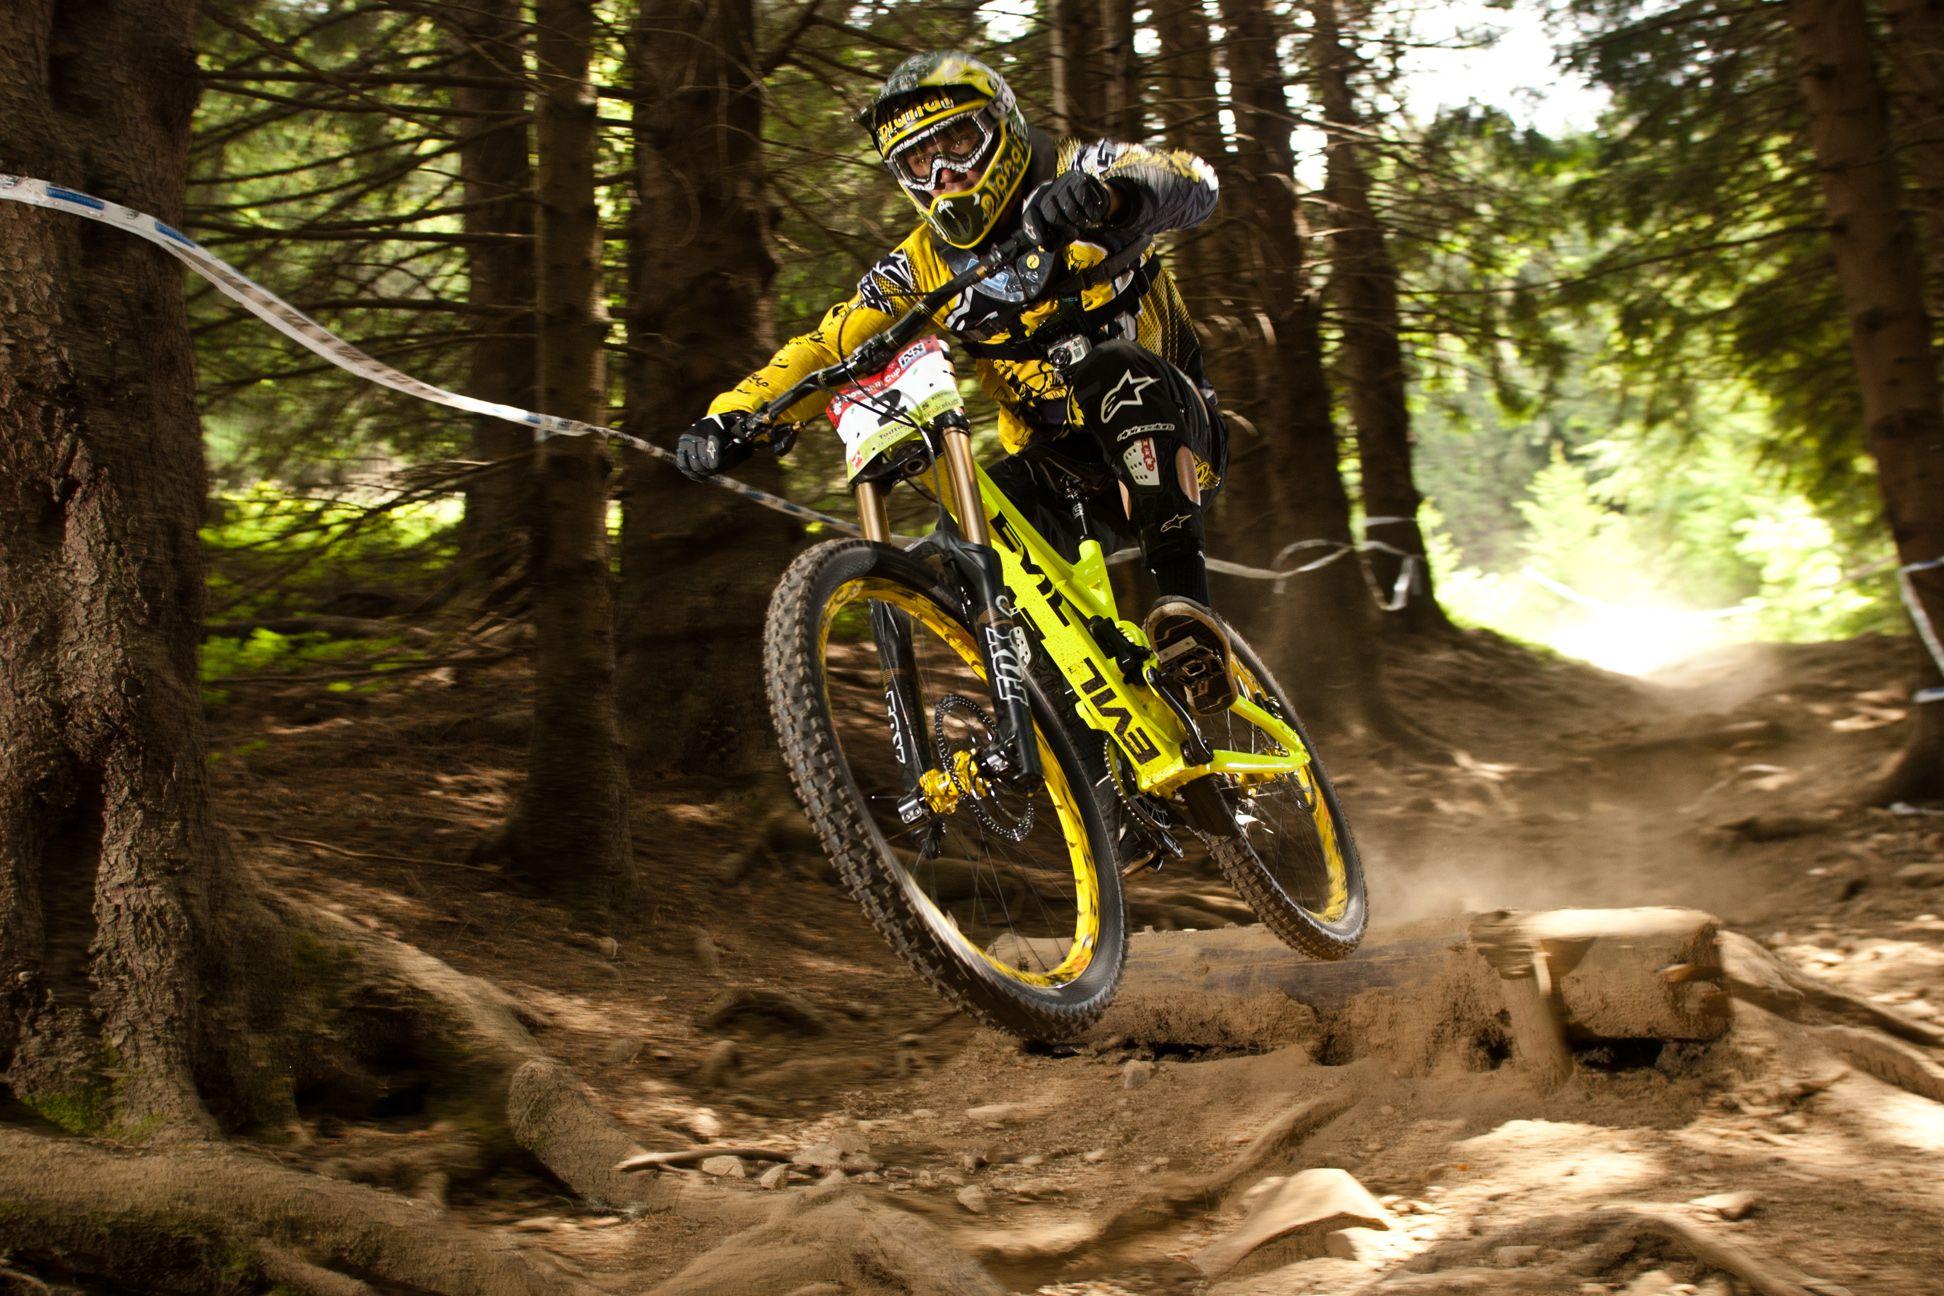 El descenso es una de las modalidades del ciclismo con la que más disfrutas pero requiere de un fuerte entrenamiento y sobre todo del equipamiento adecuado.